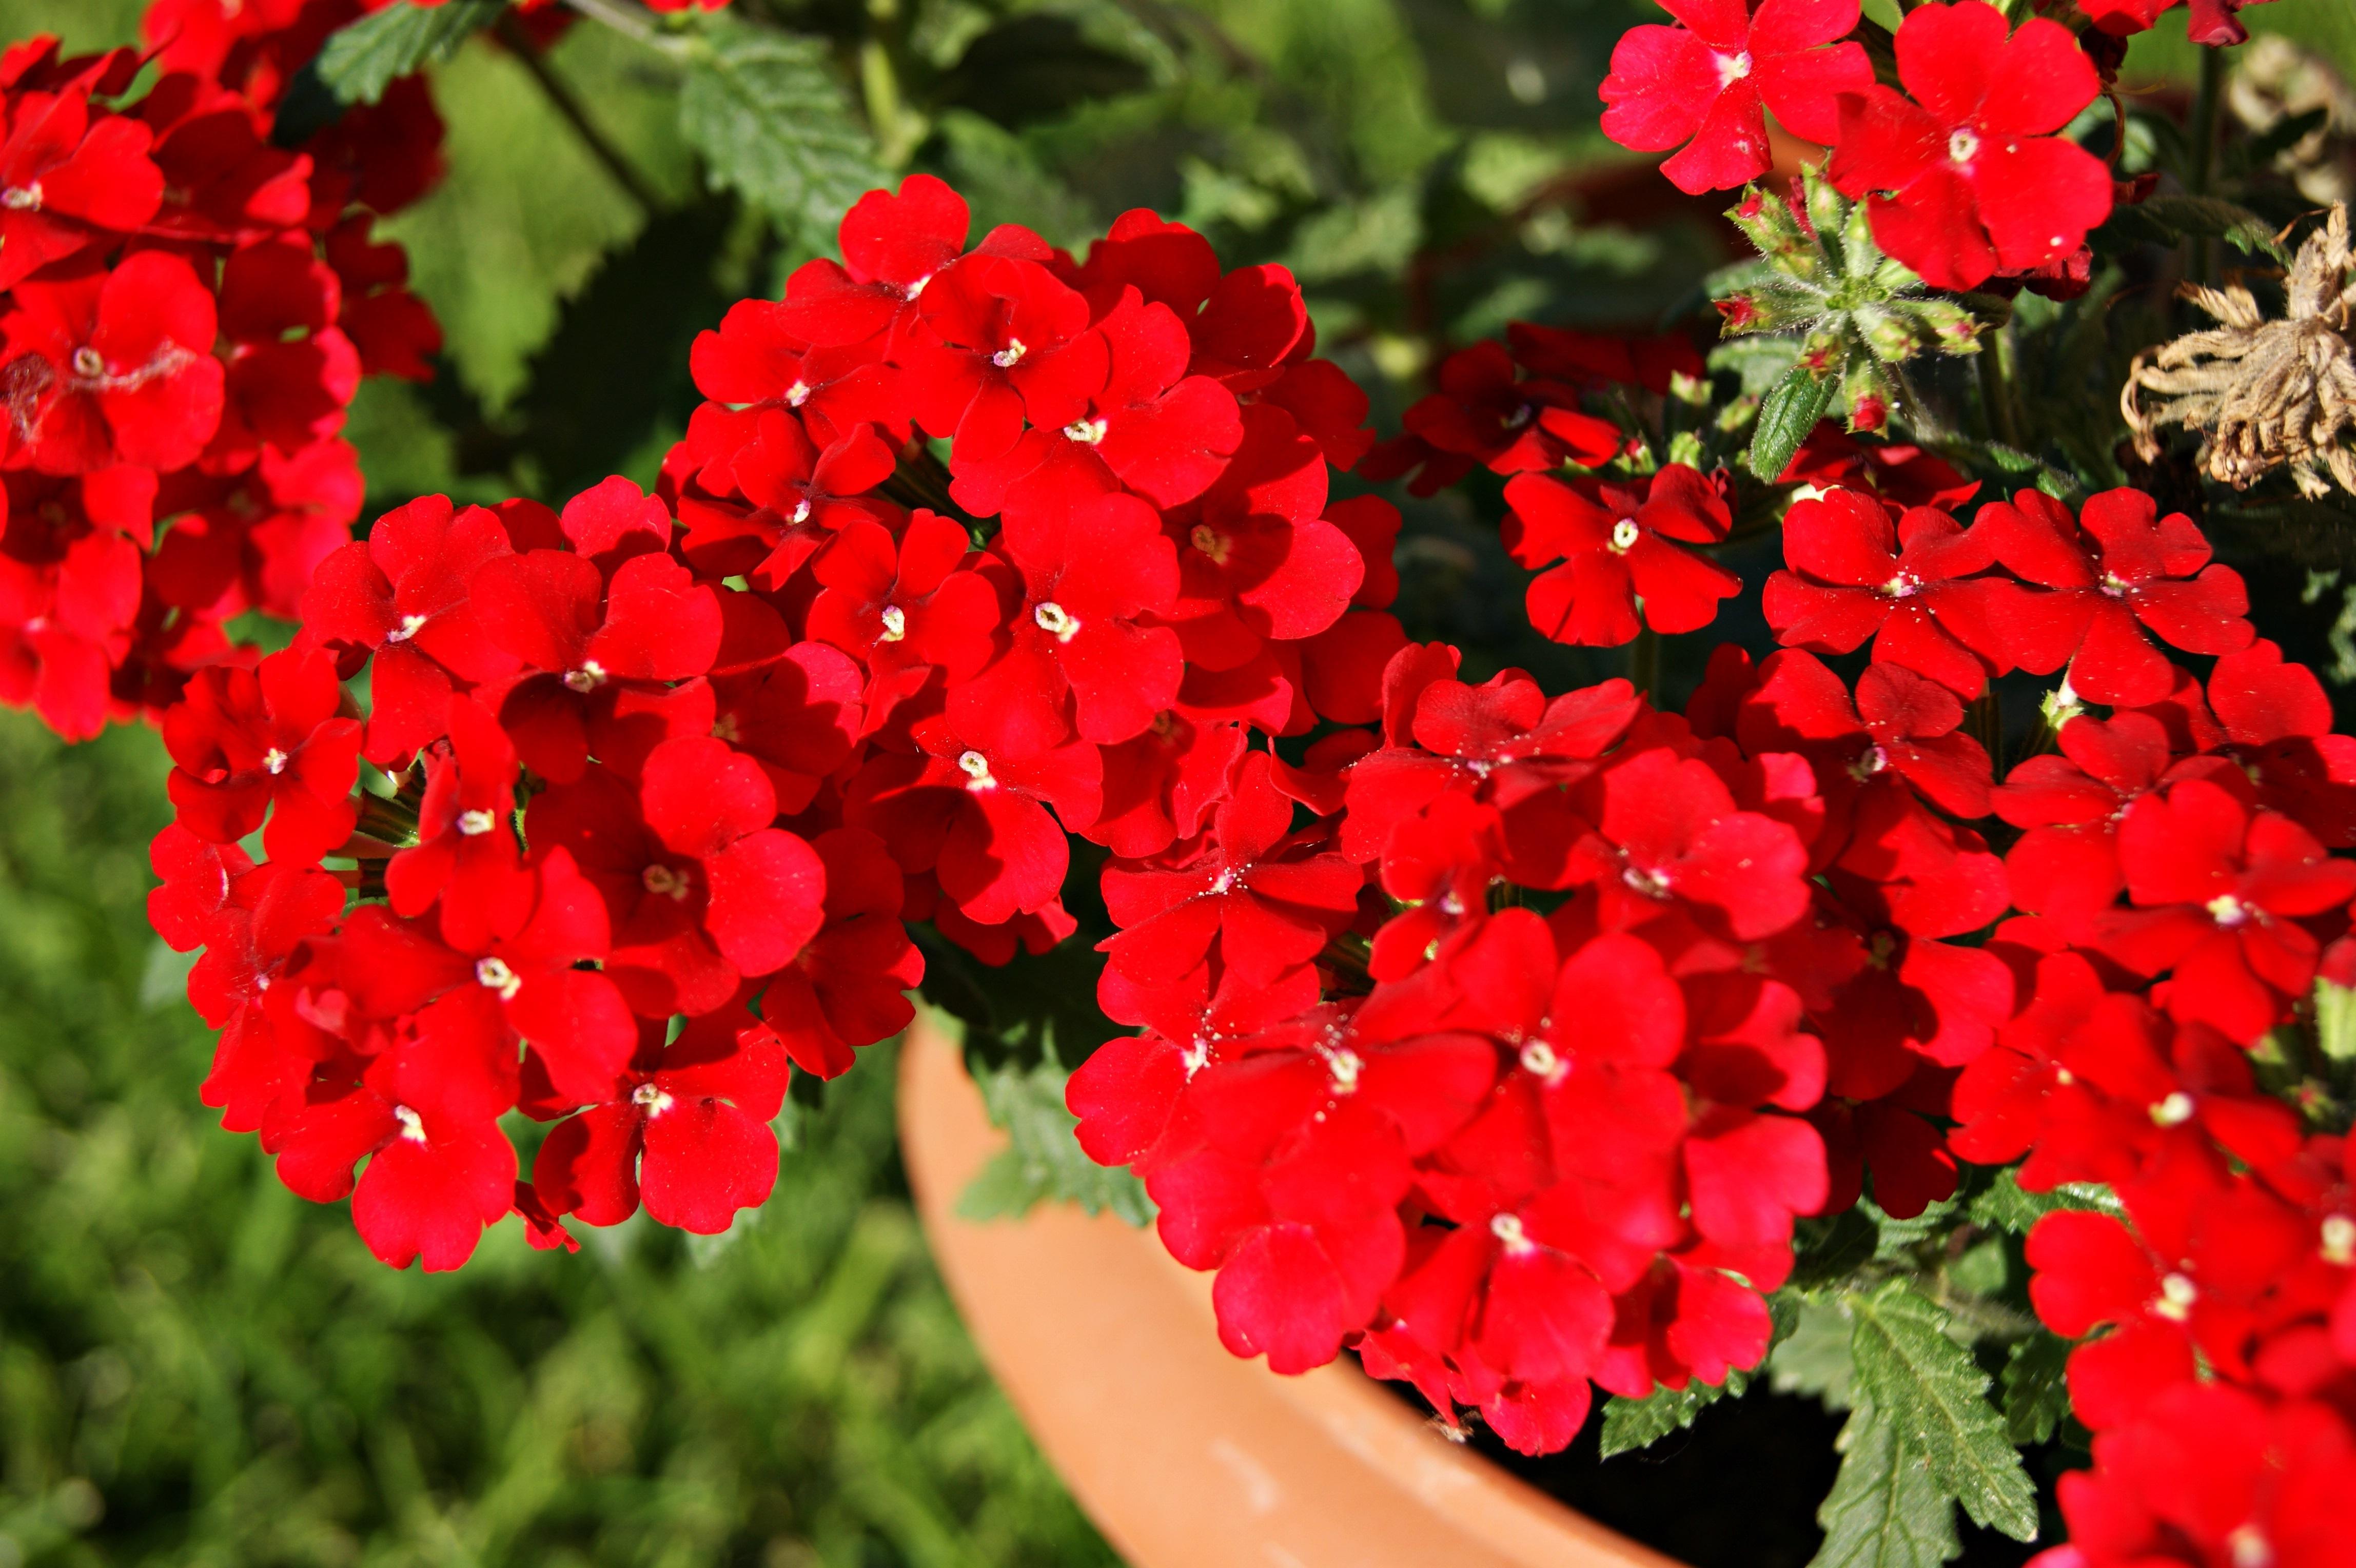 Images Gratuites : la nature, fleur, pétale, été, printemps, rouge ...